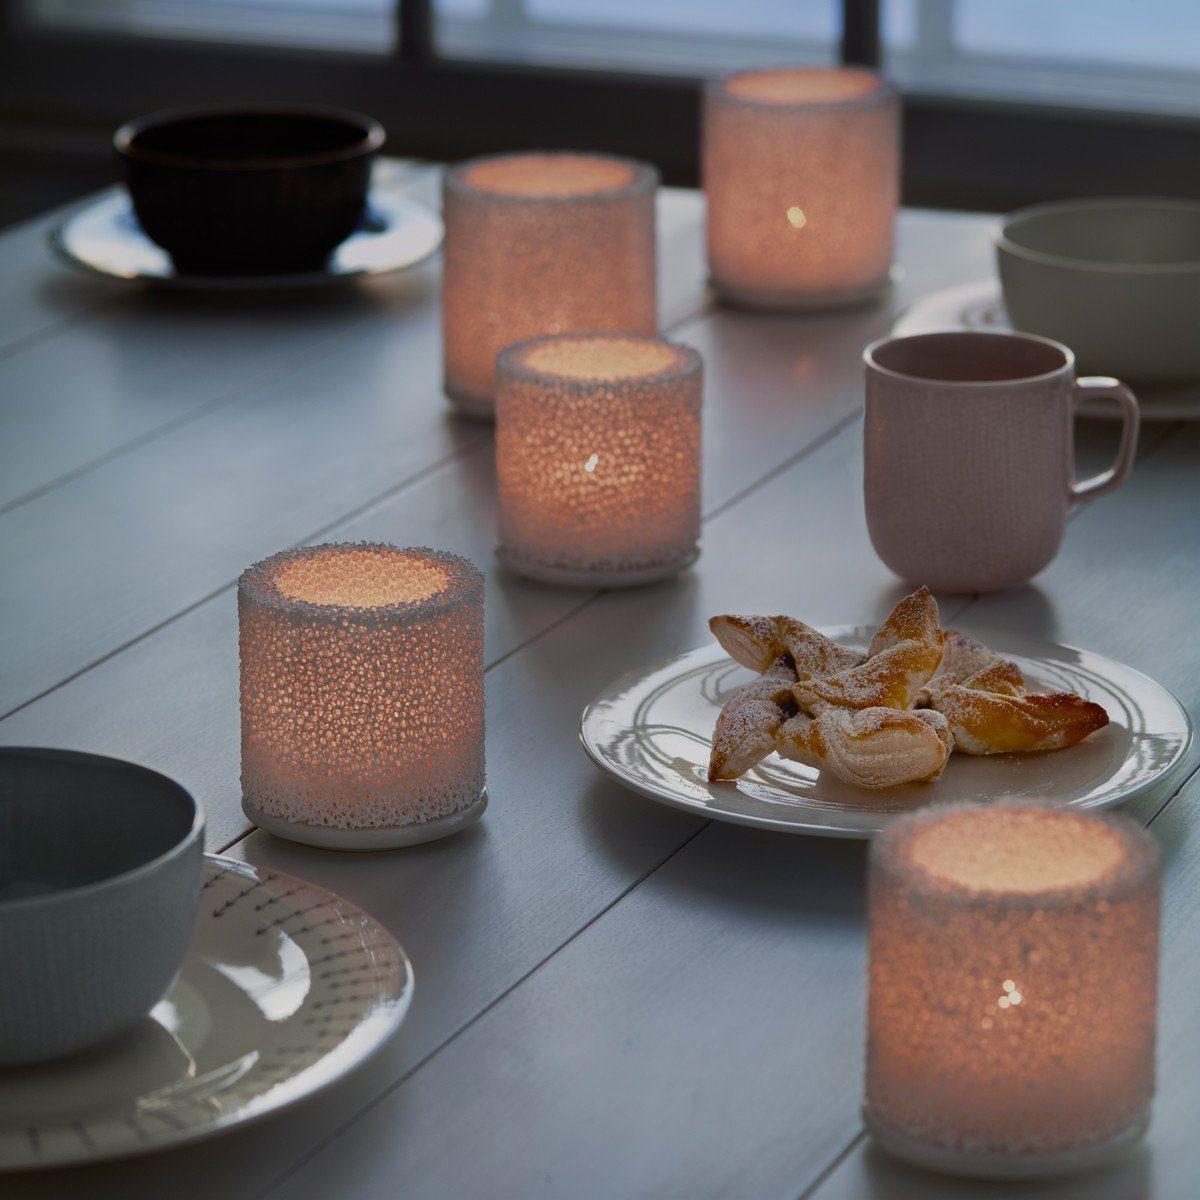 IITTALA Iittala Teelichthalter FIRE weiß